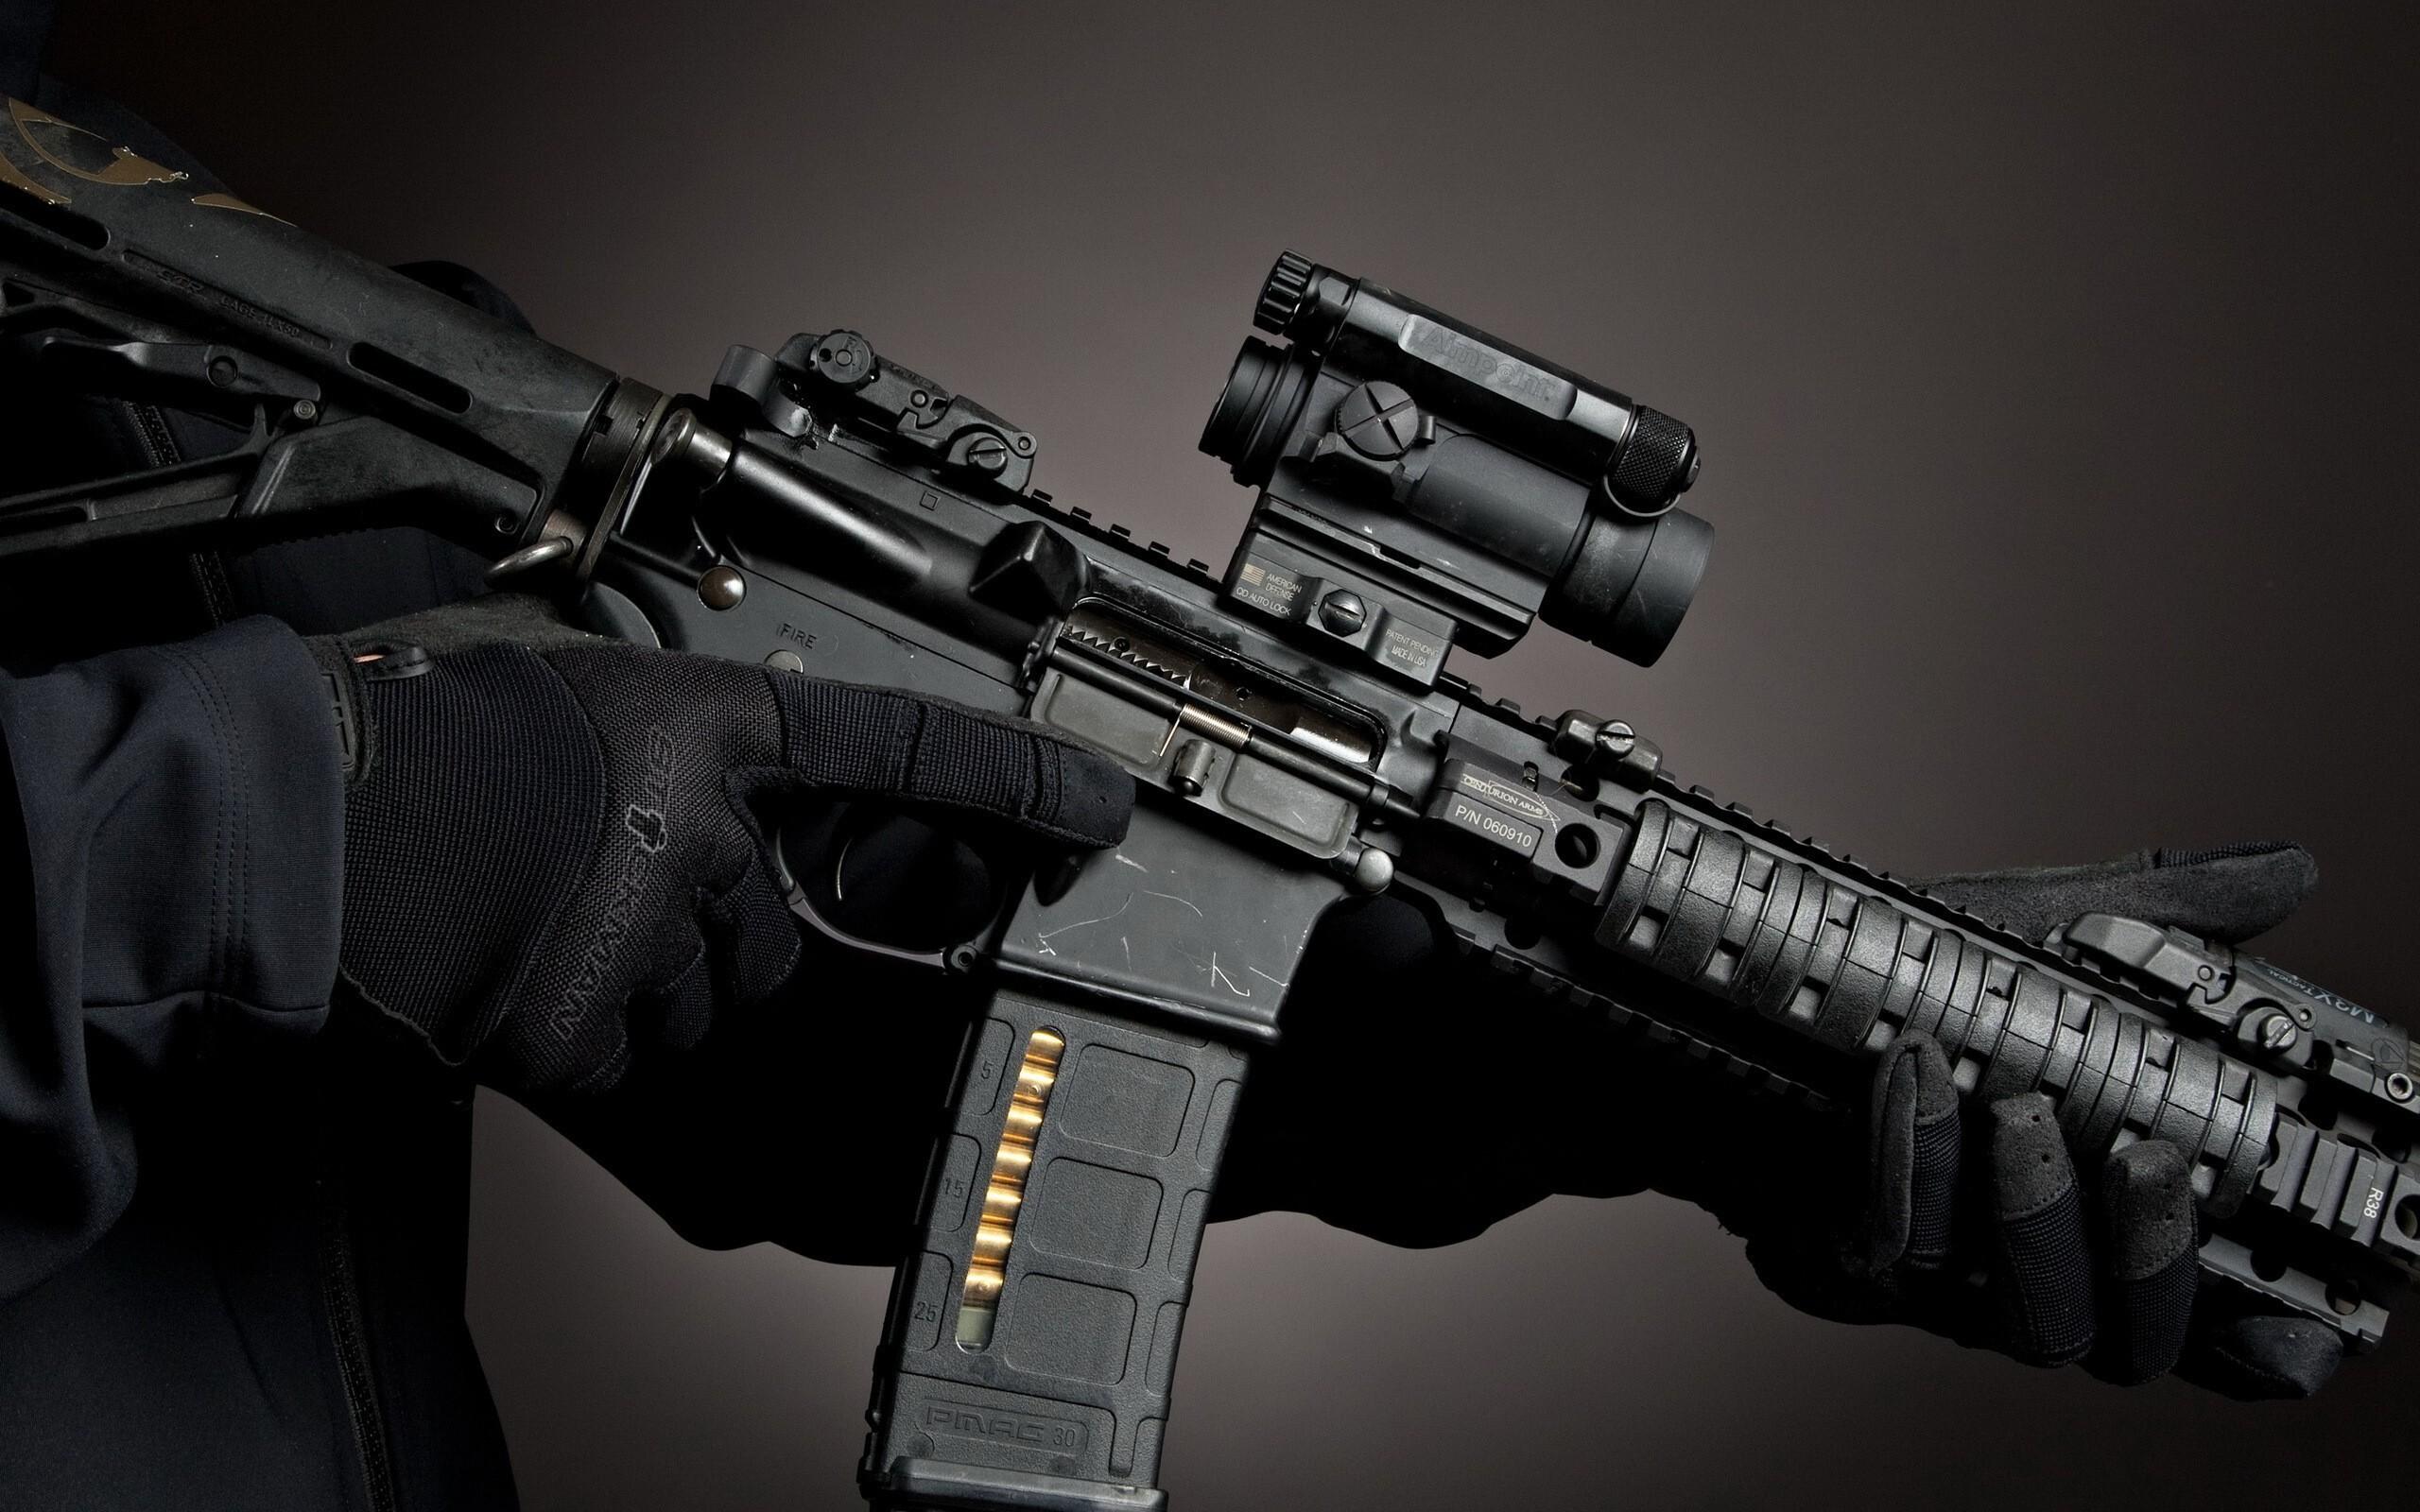 Картинка: Оружие, автомат, AR-15, руки, прицел, магазин, перчатки